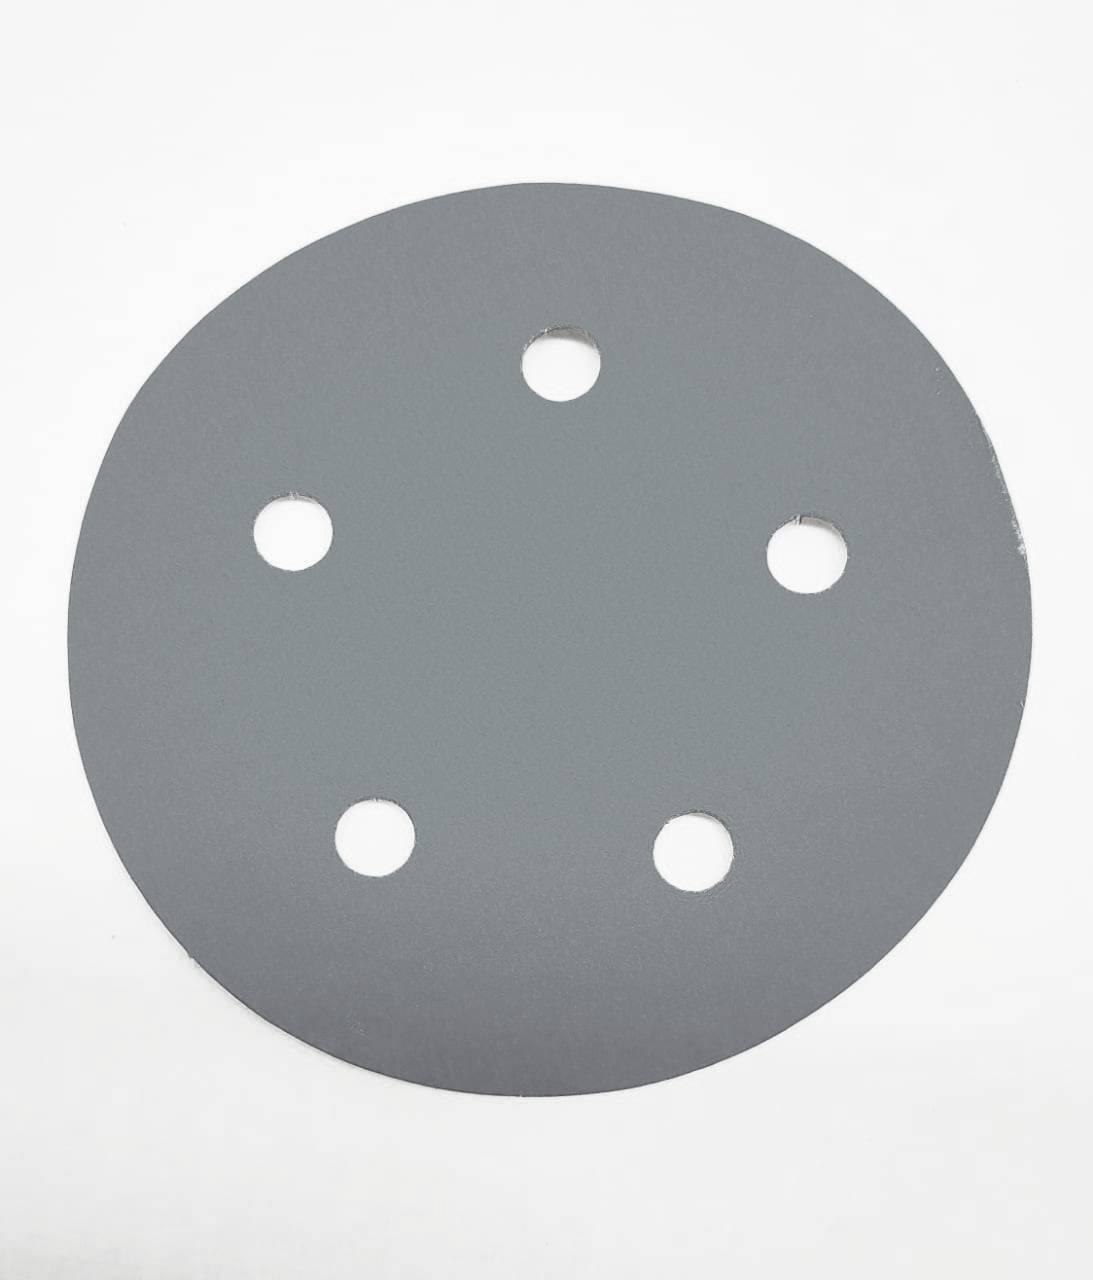 Disco Hookit 5Pol 127mm Prata 255Z Com Furo grão 80 - 3M